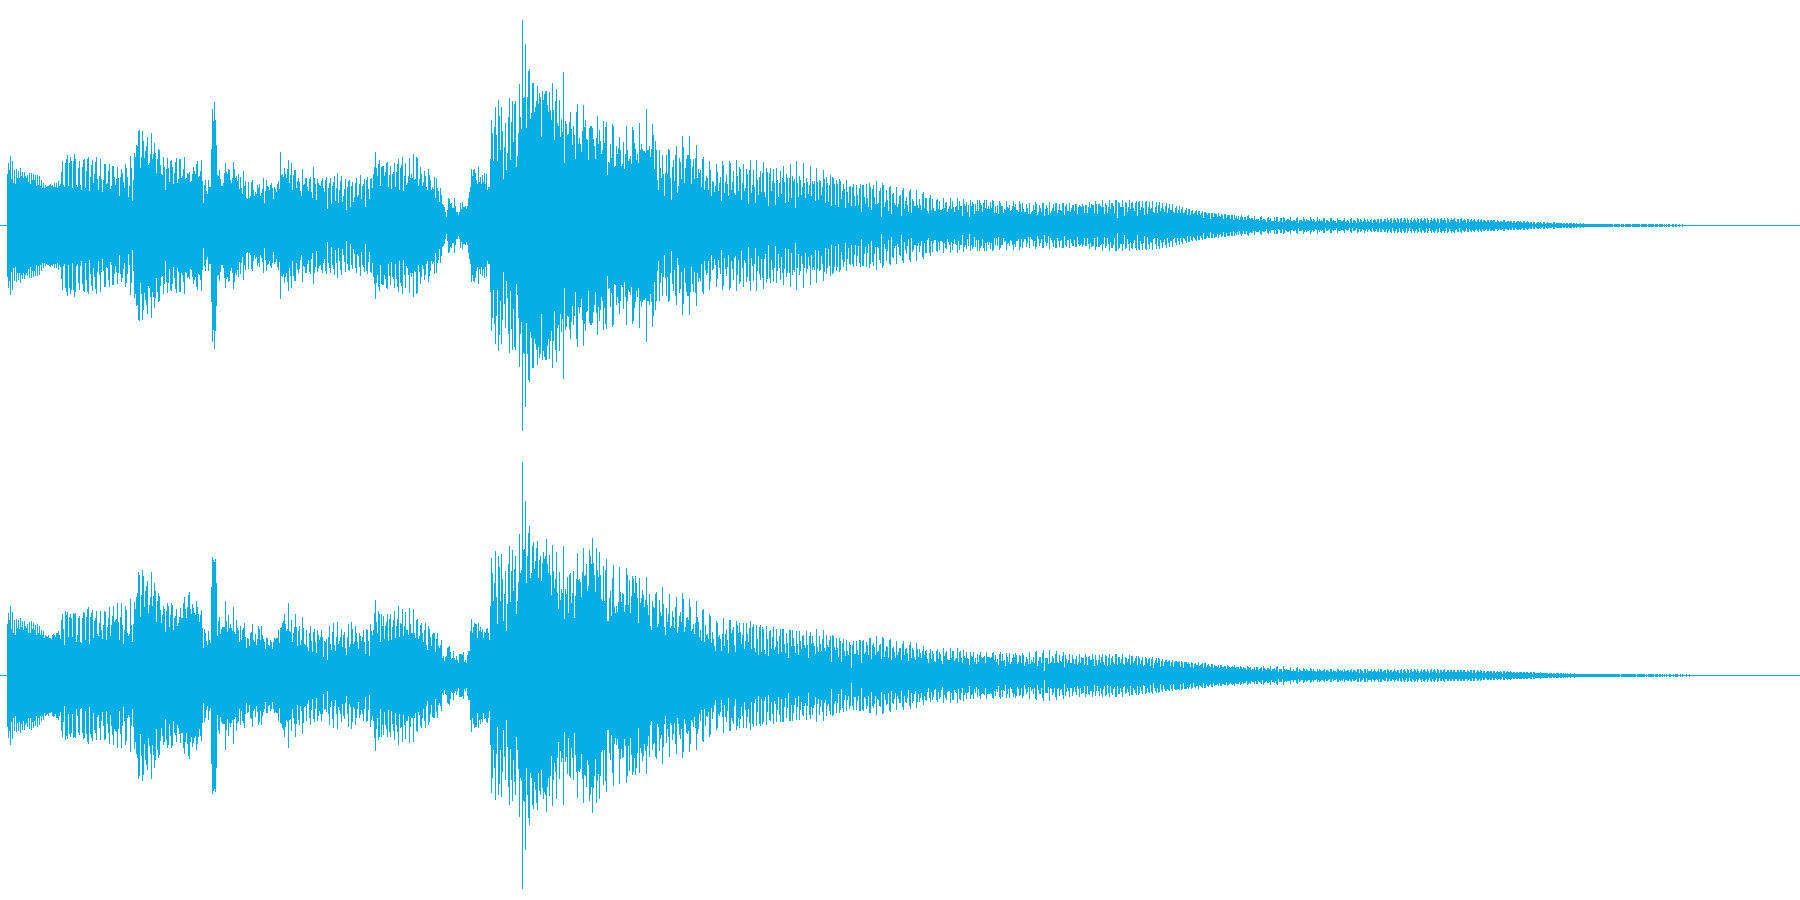 クリーントーン ギターフレーズ 場面転換の再生済みの波形